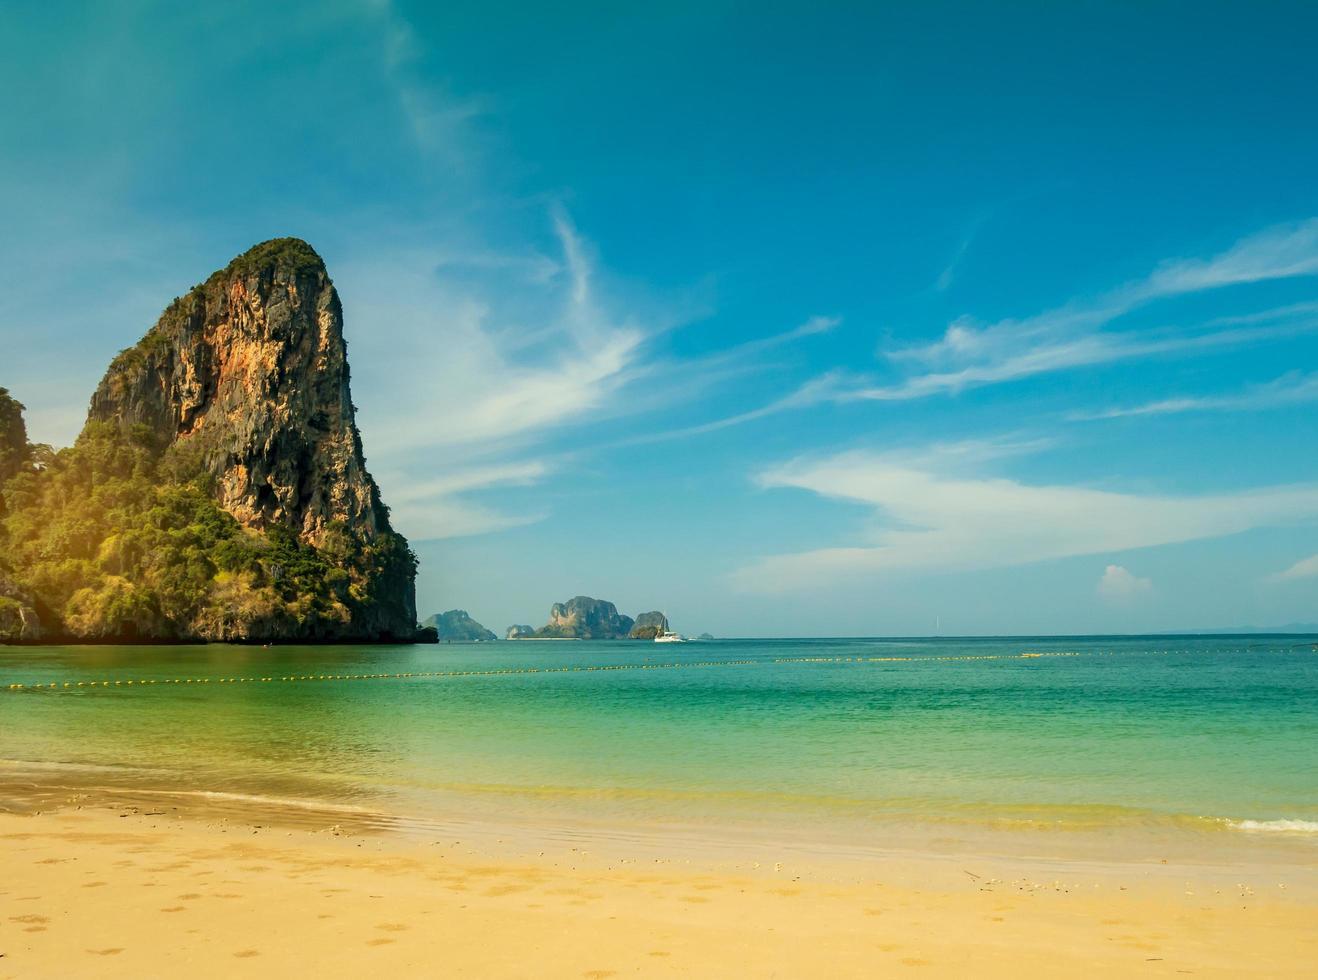 plage tropicale et montagnes calcaires photo